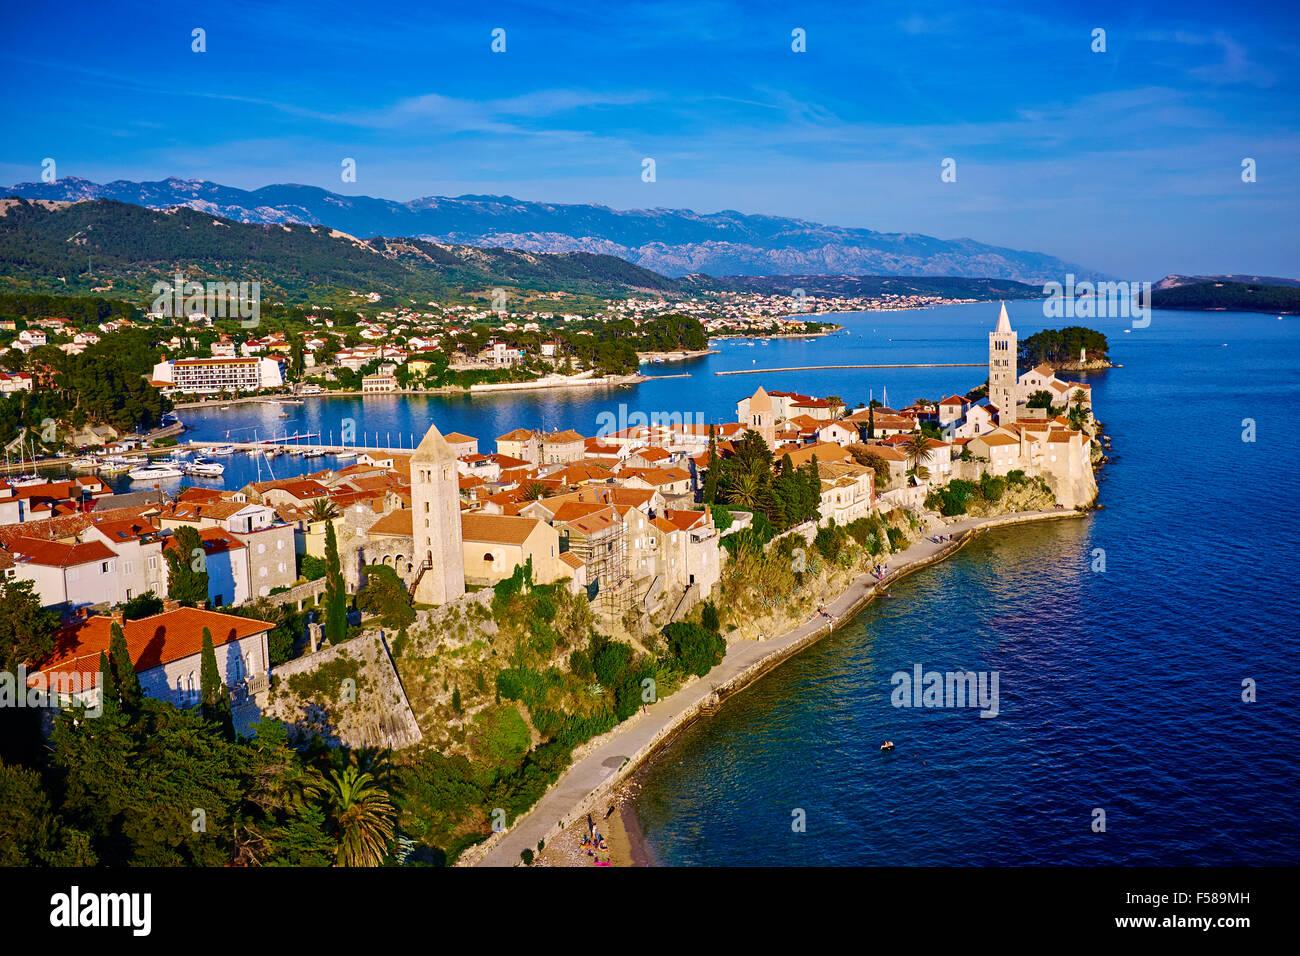 Kroatien, Kvarner-Bucht, Insel und Stadt Rab Stockbild